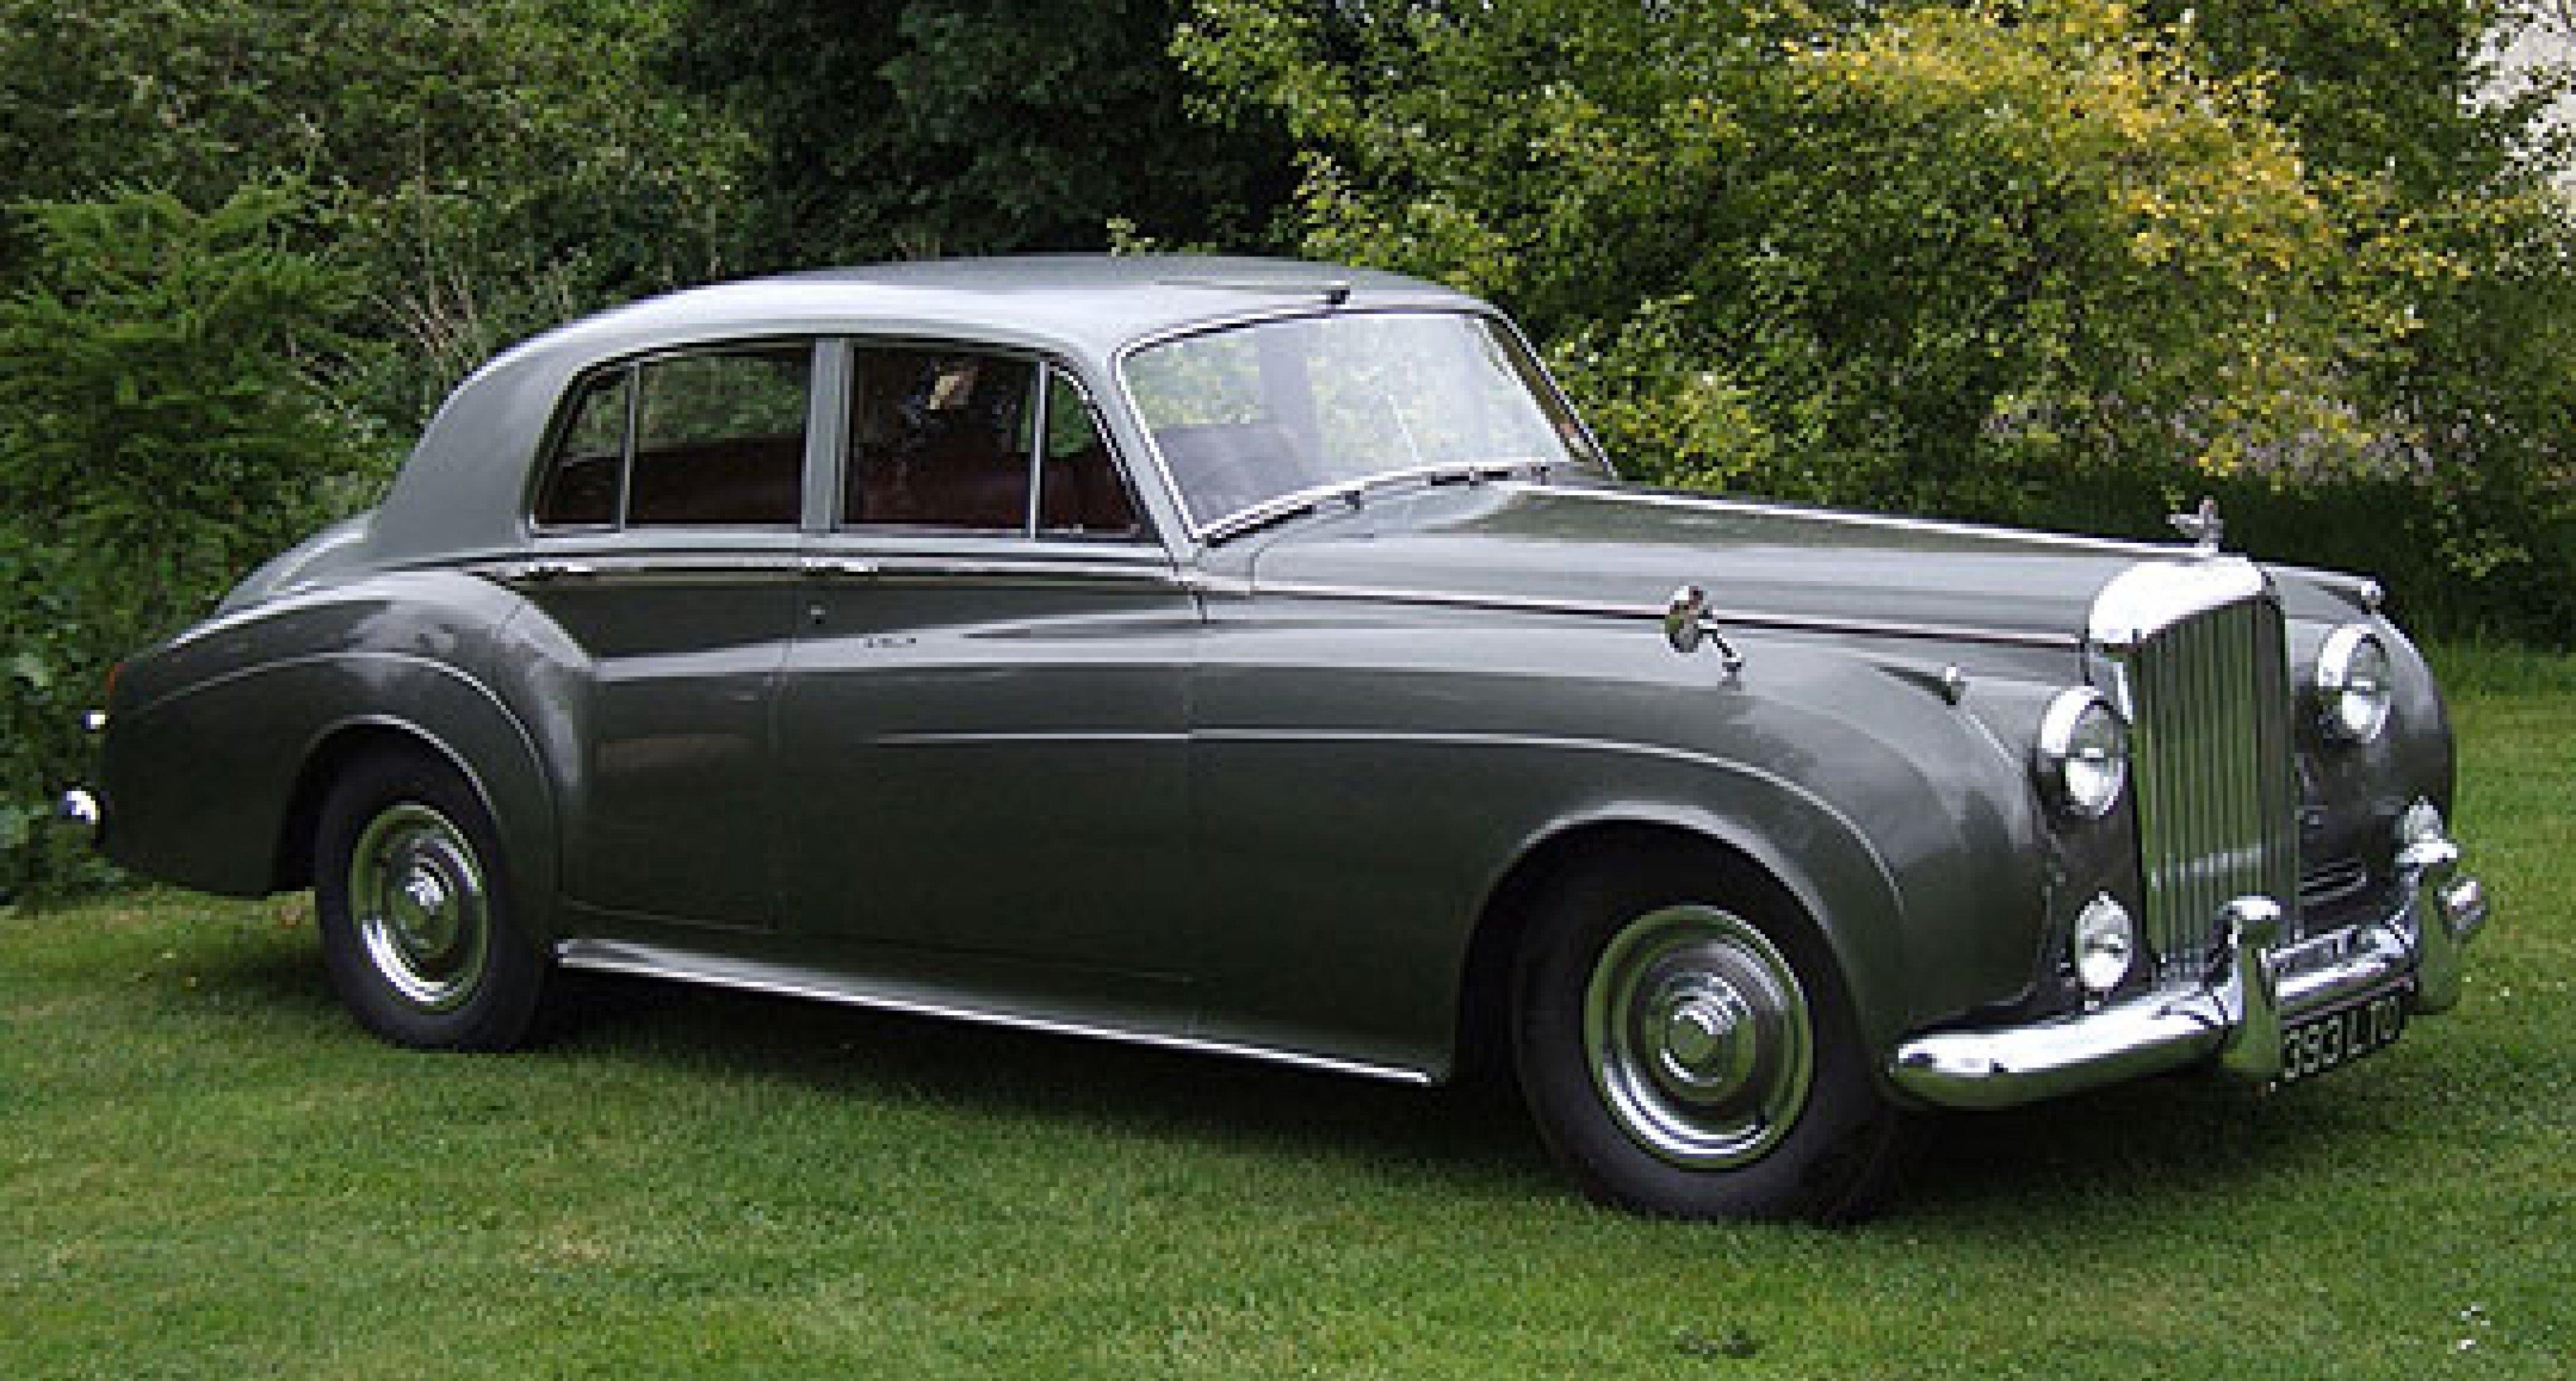 Bonhams Rolls-Royce and Bentley Sale, Kelmarsh Hall - June 21st 2008